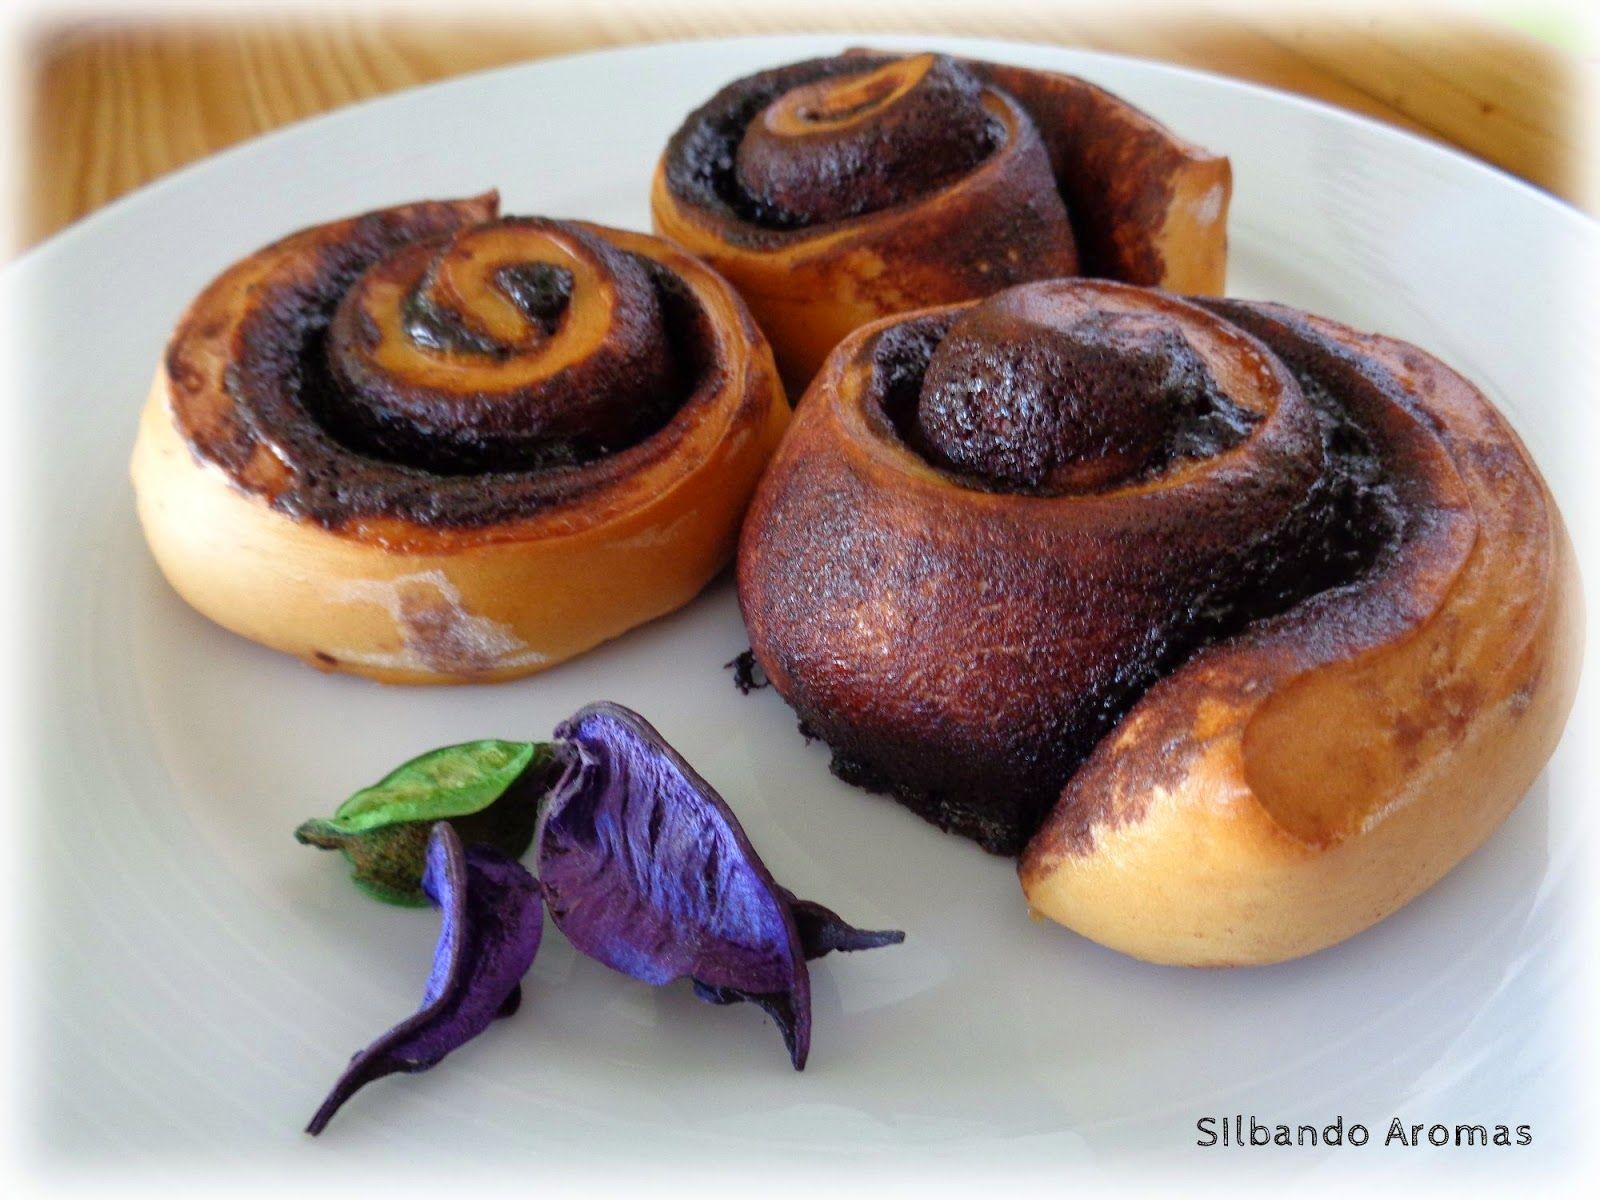 Silbando Aromas: Chocolate rolls